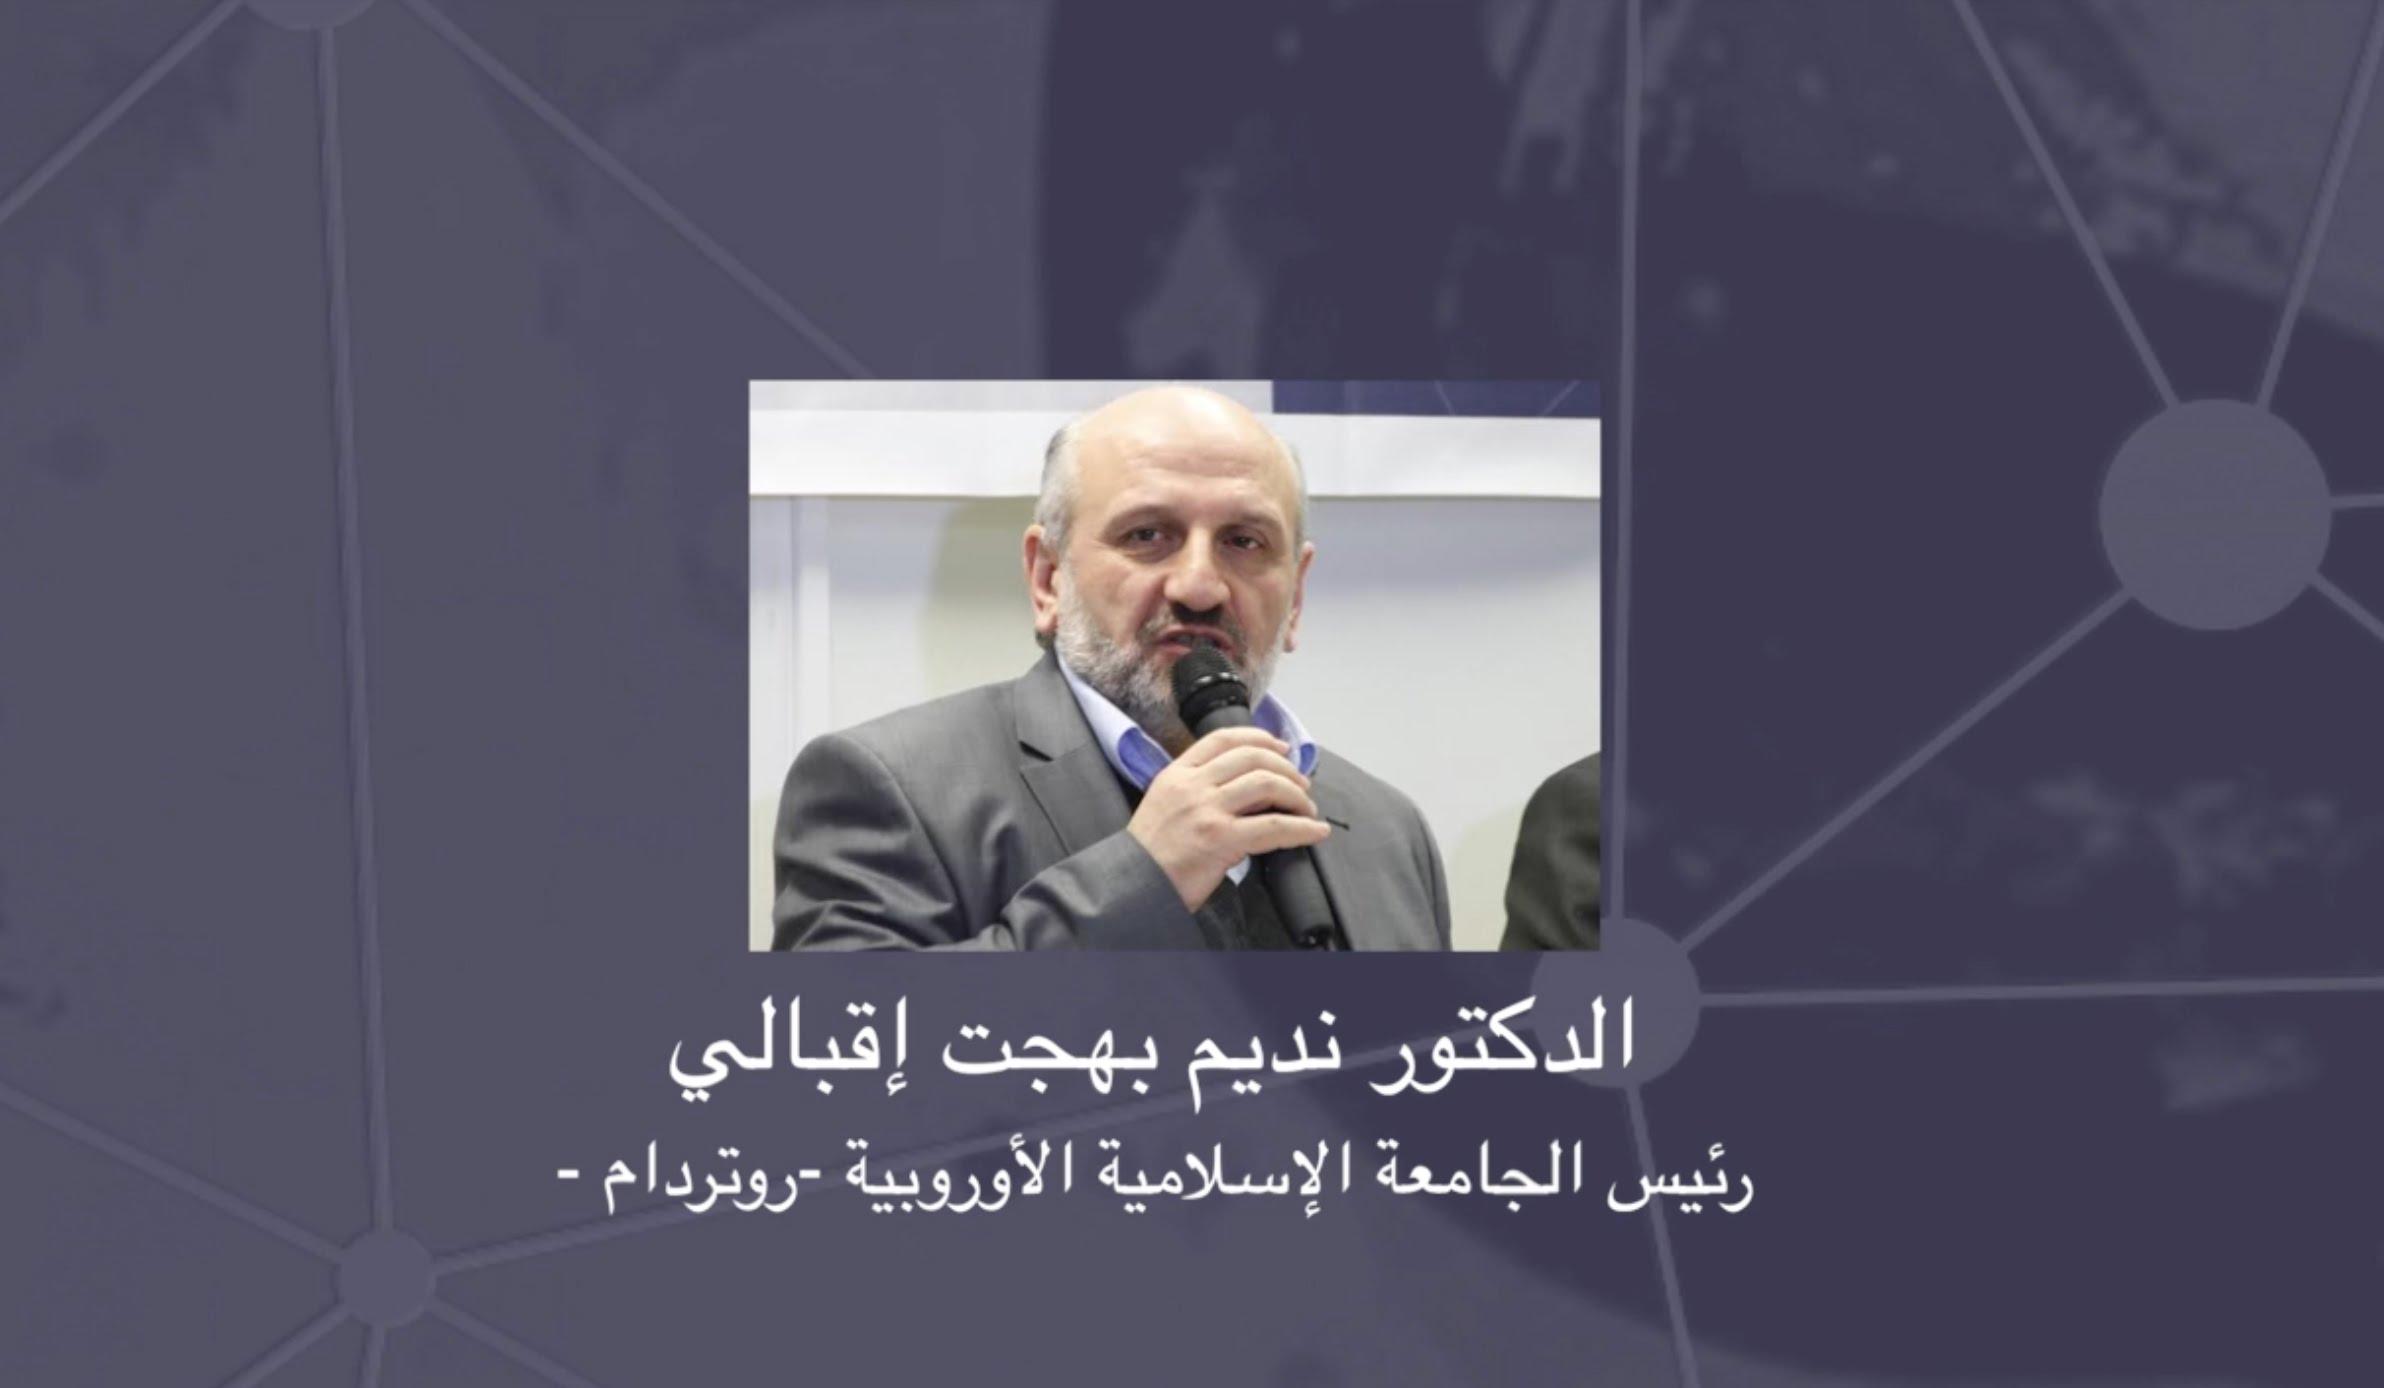 د. بهجت: هذه الندوة العلمية عن الإمام عبد السلام ياسين ستفتح لنا آفاقا هنا في أوروبا إن شاء الله